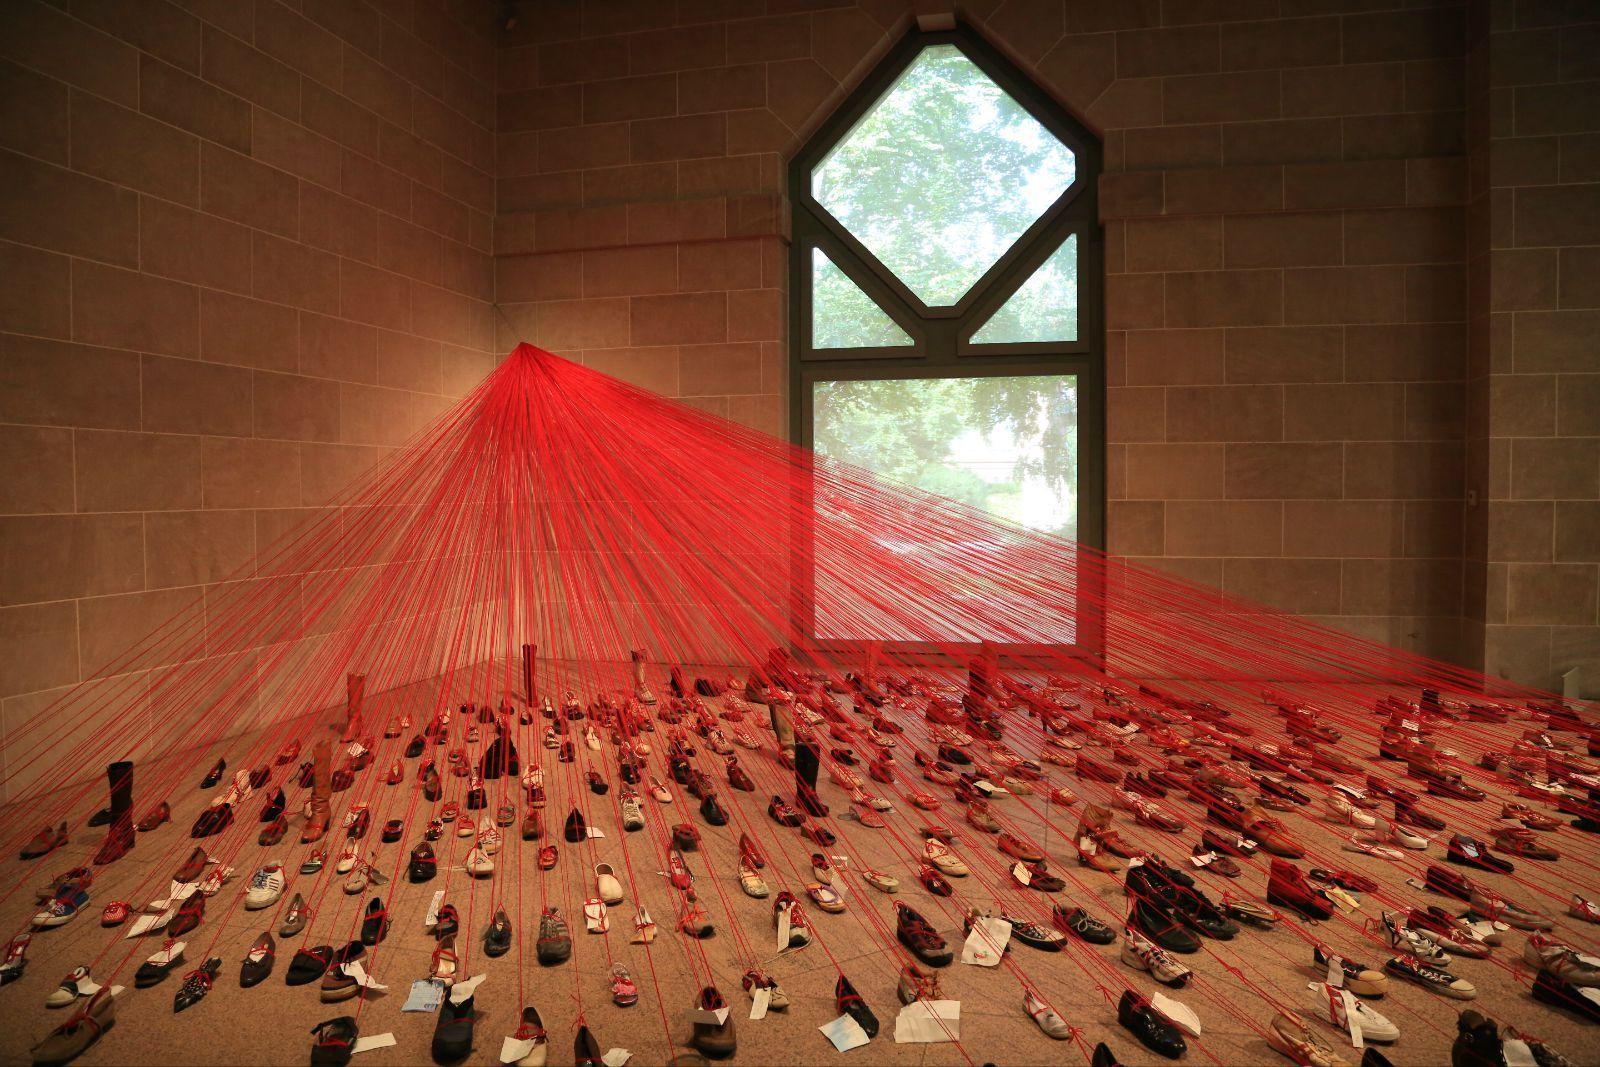 日本艺术家千春盐田的作品,收集被丢弃的鞋子绑上红线,以此来表达对过